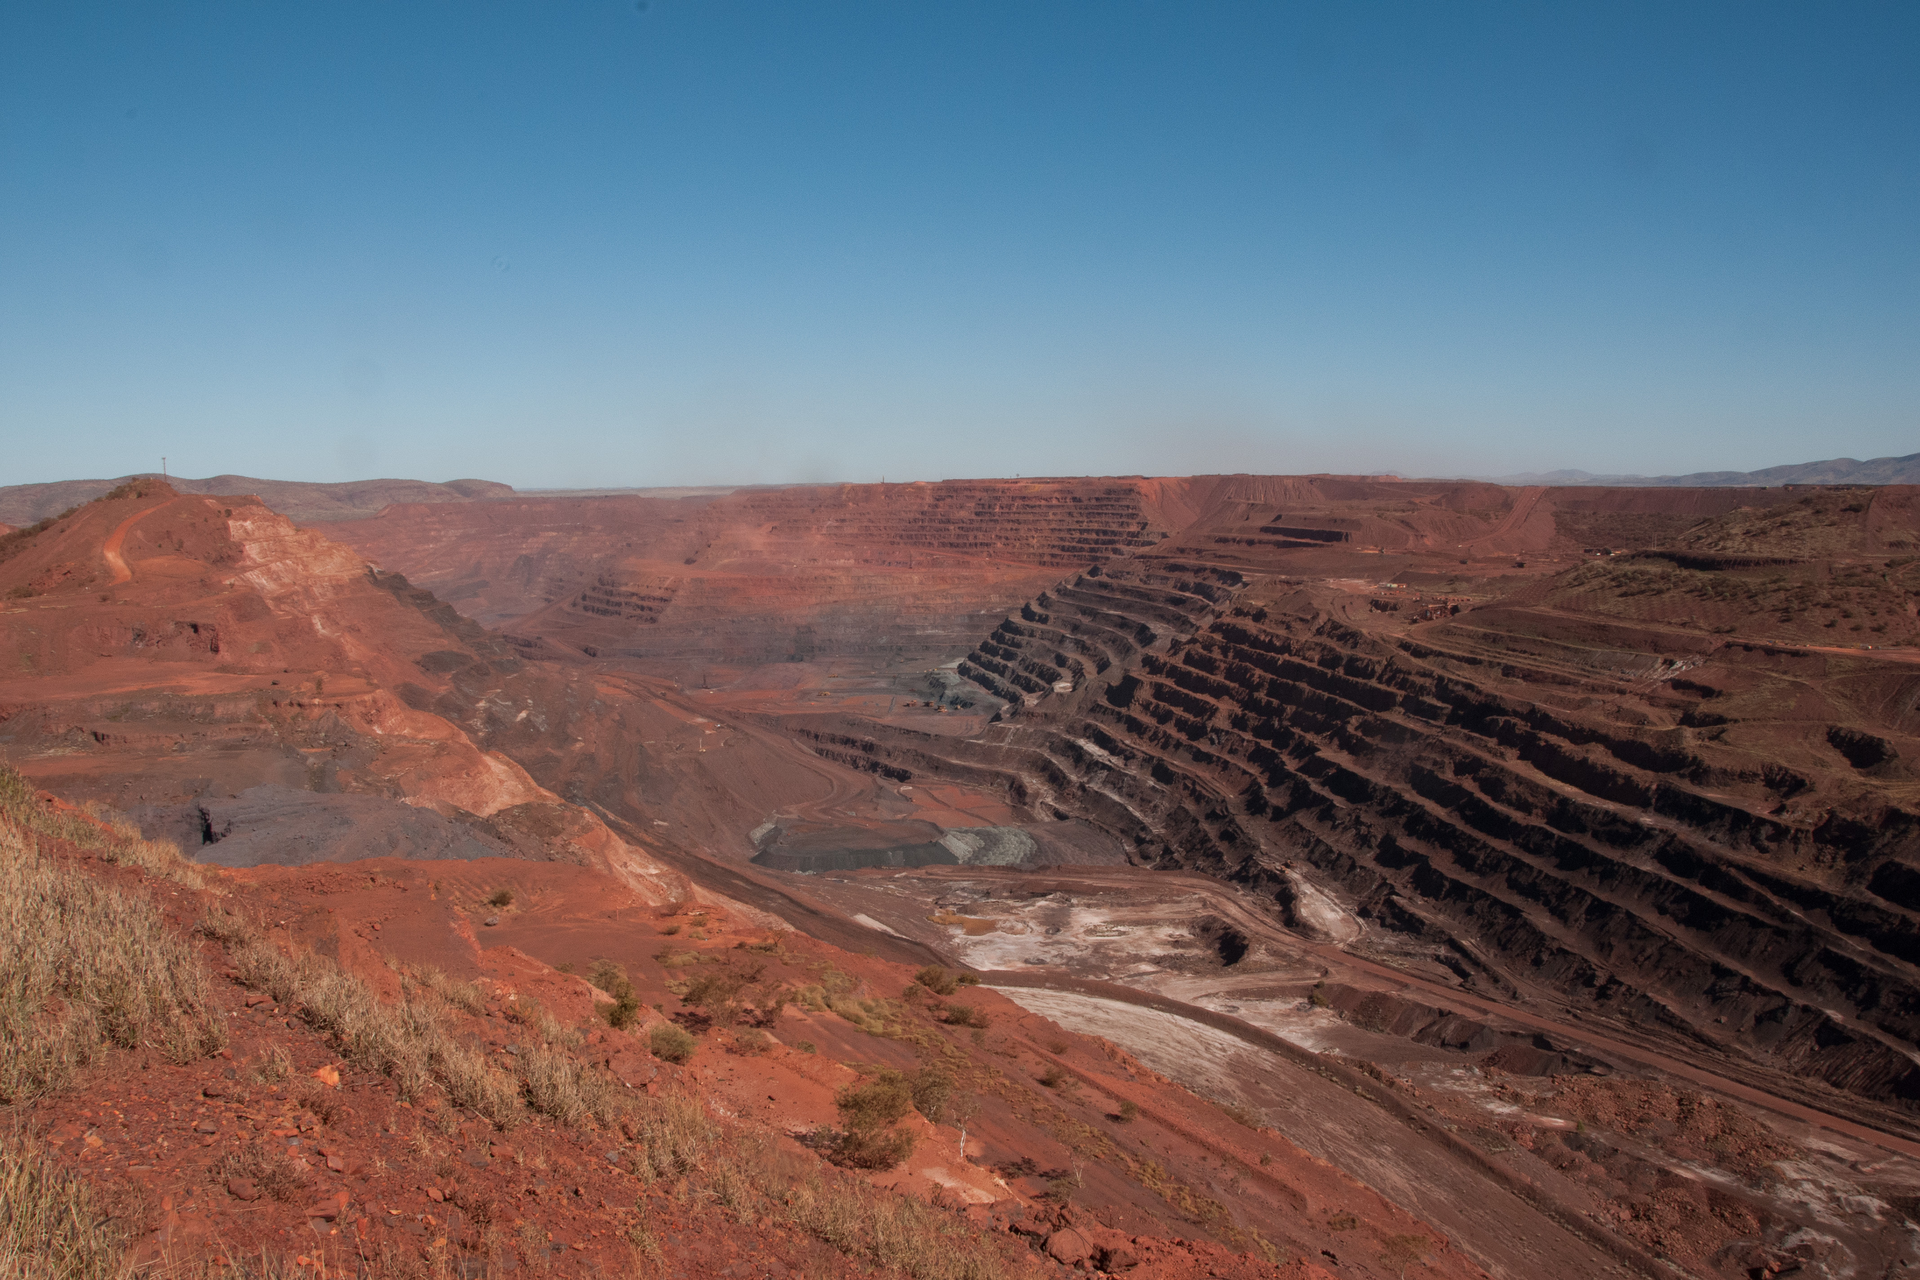 Zdjęcie kopalni żelaza